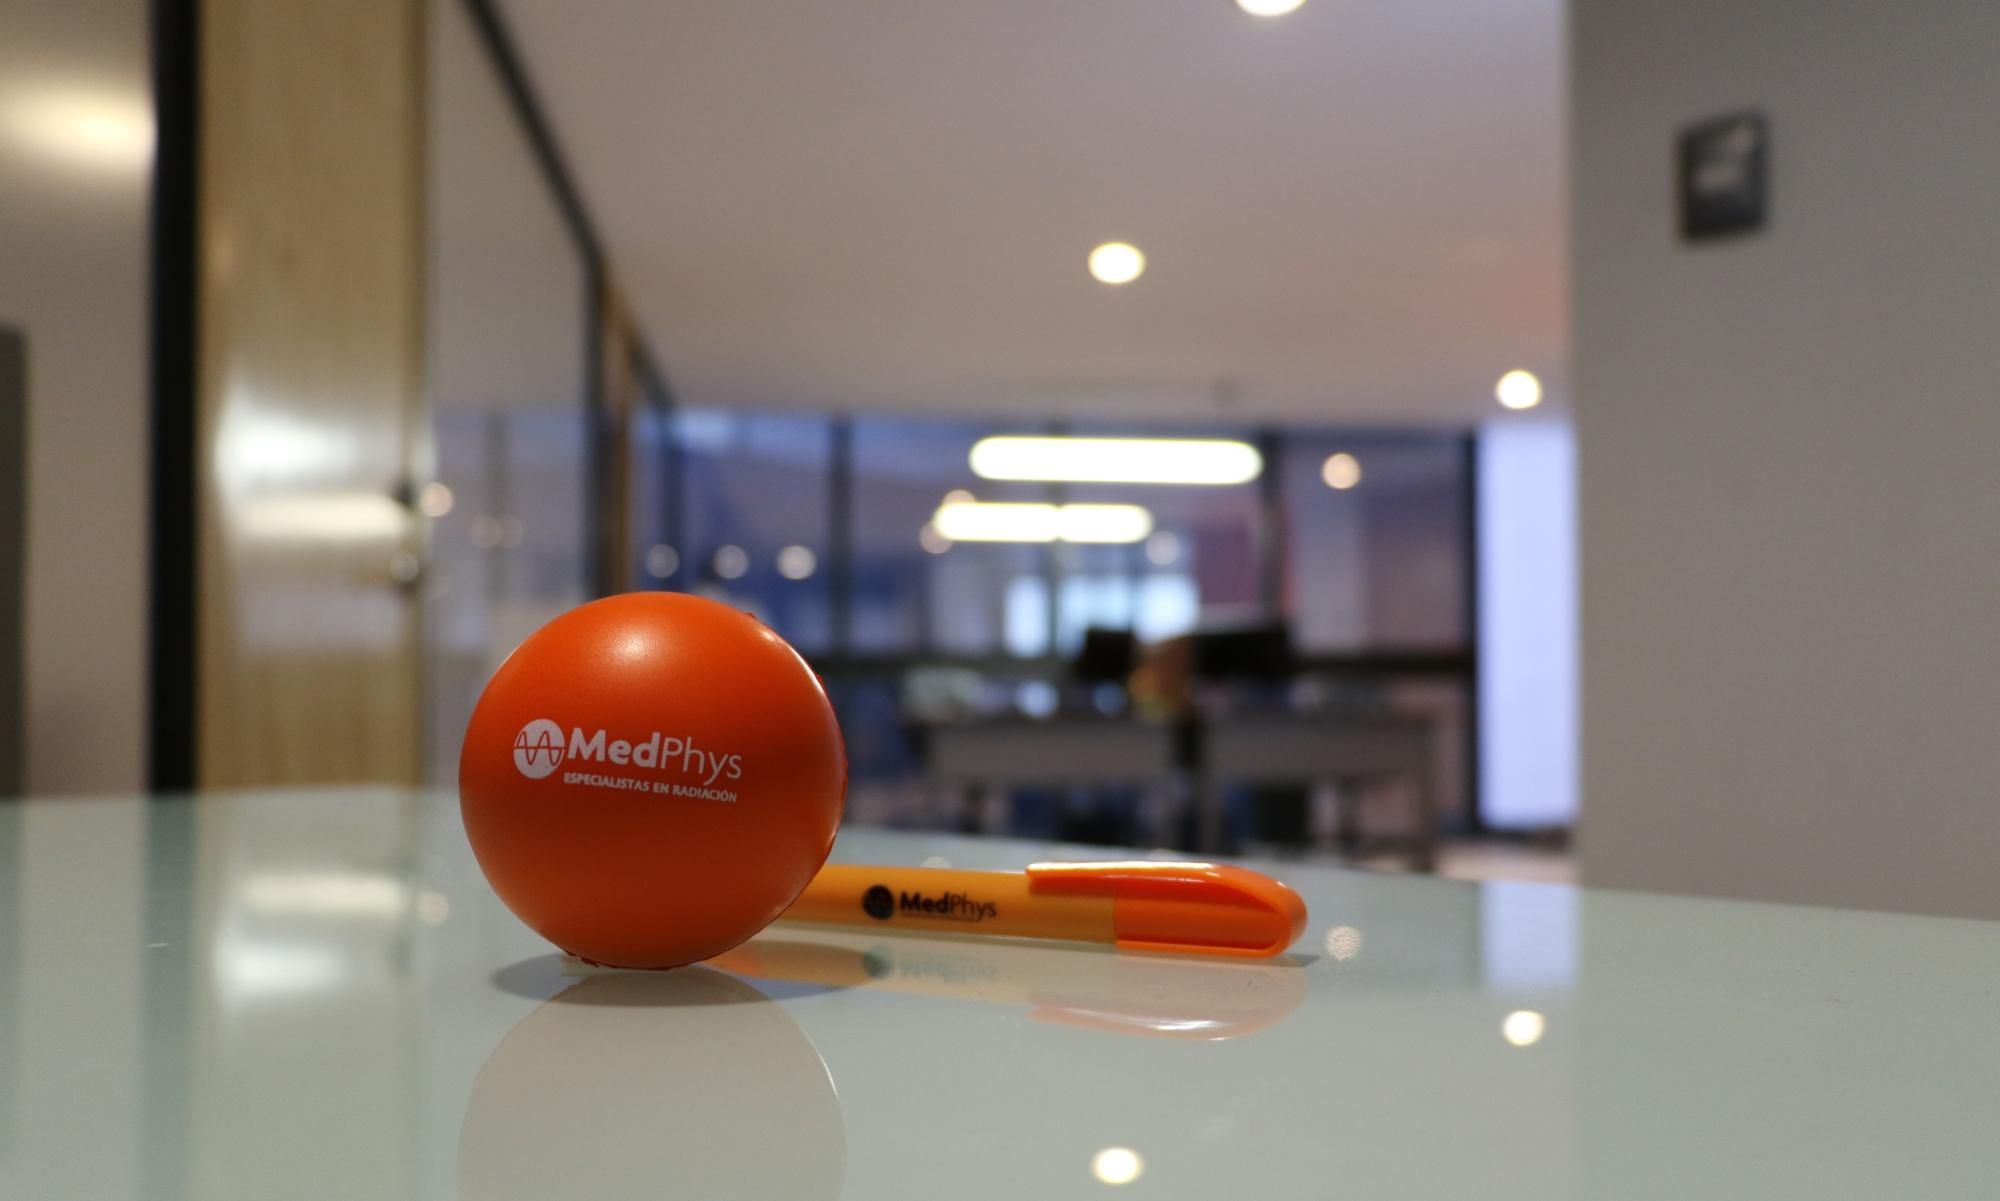 MedPhys